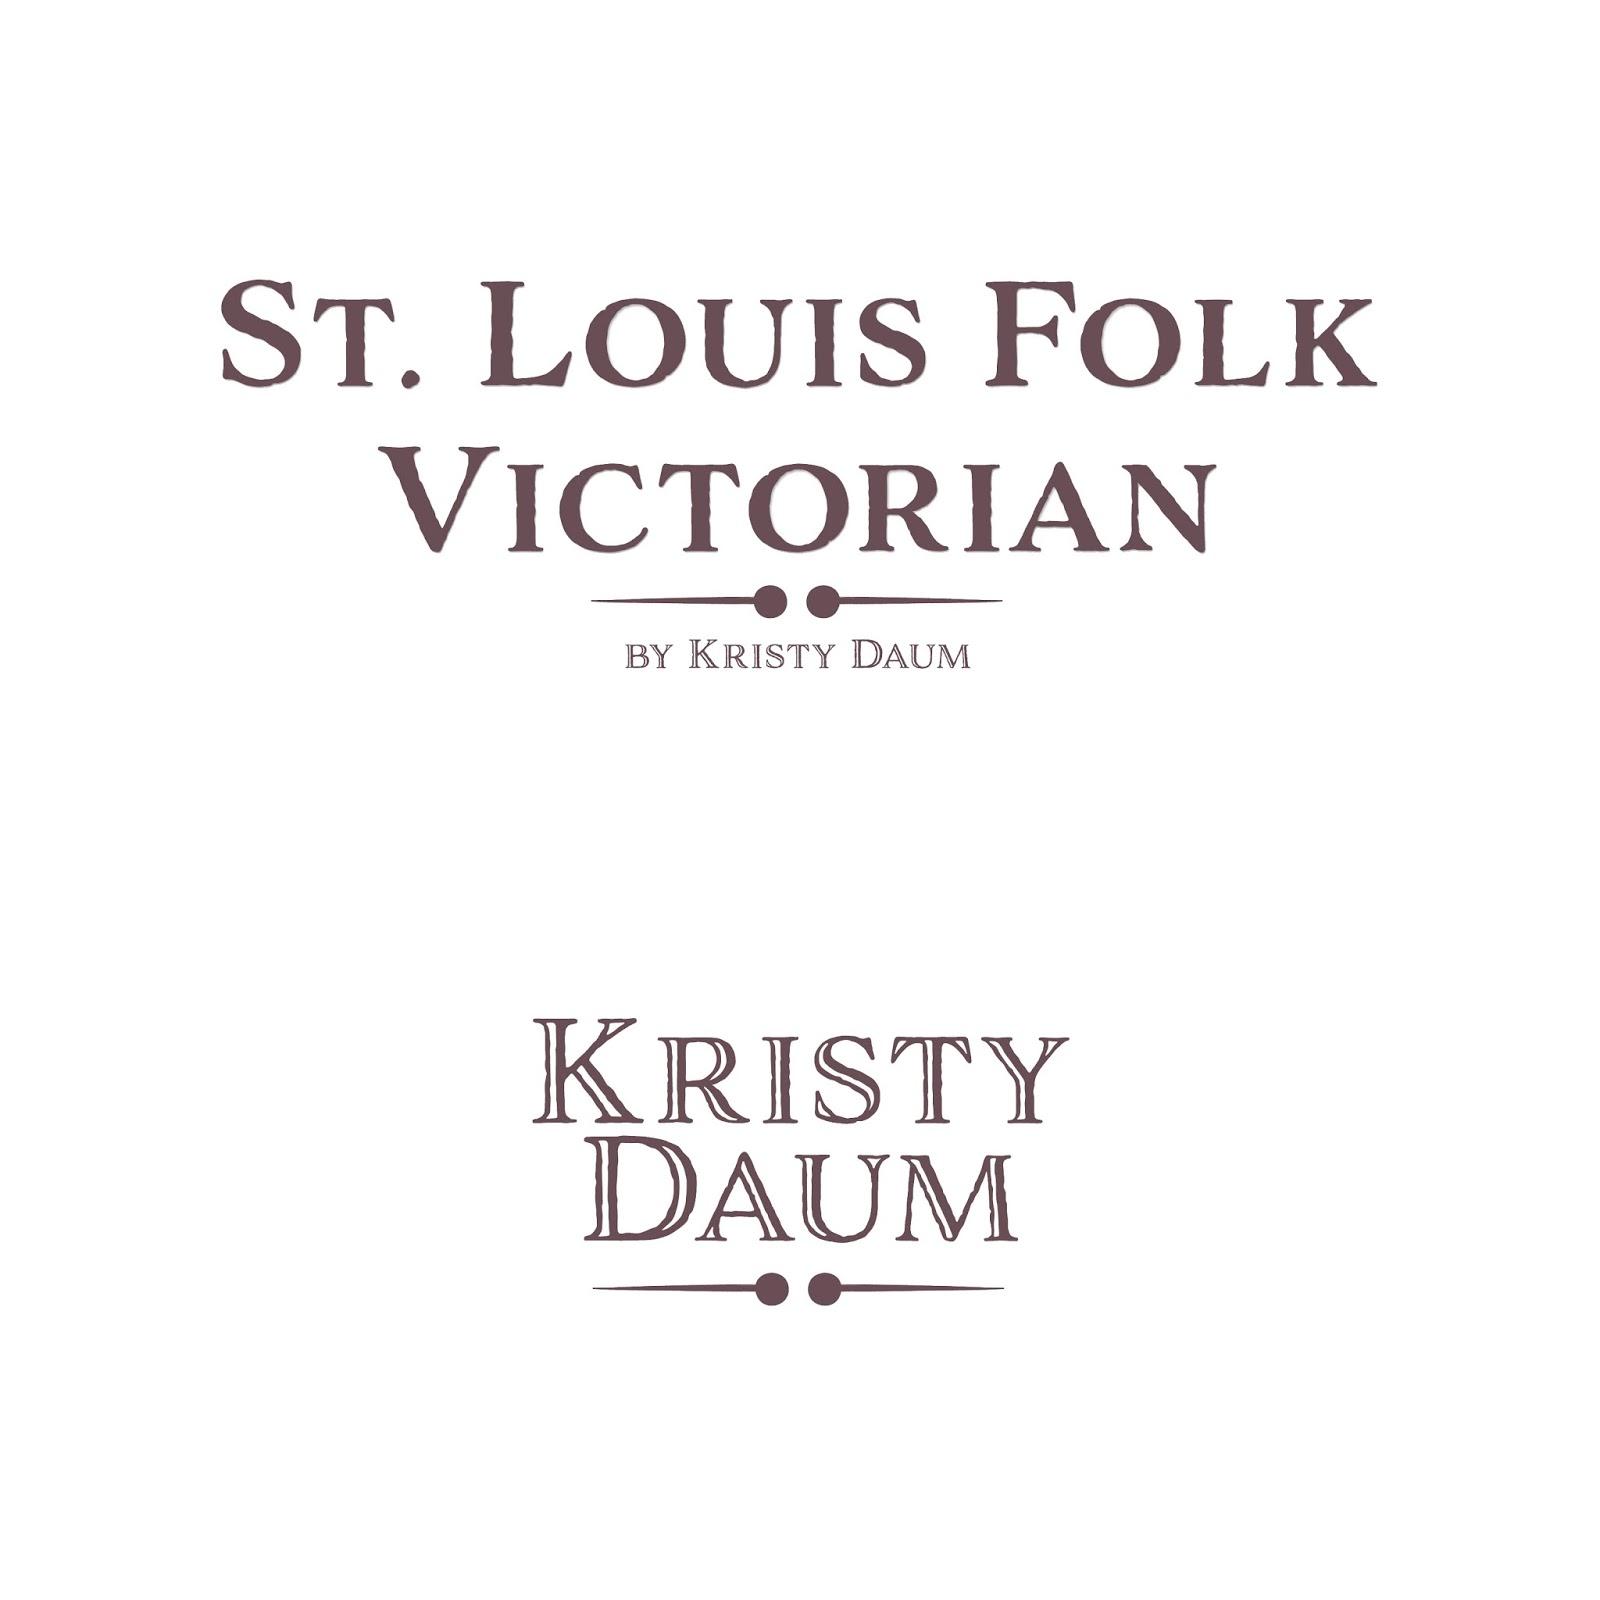 St. Louis Folk Victorian // Kristy Daum